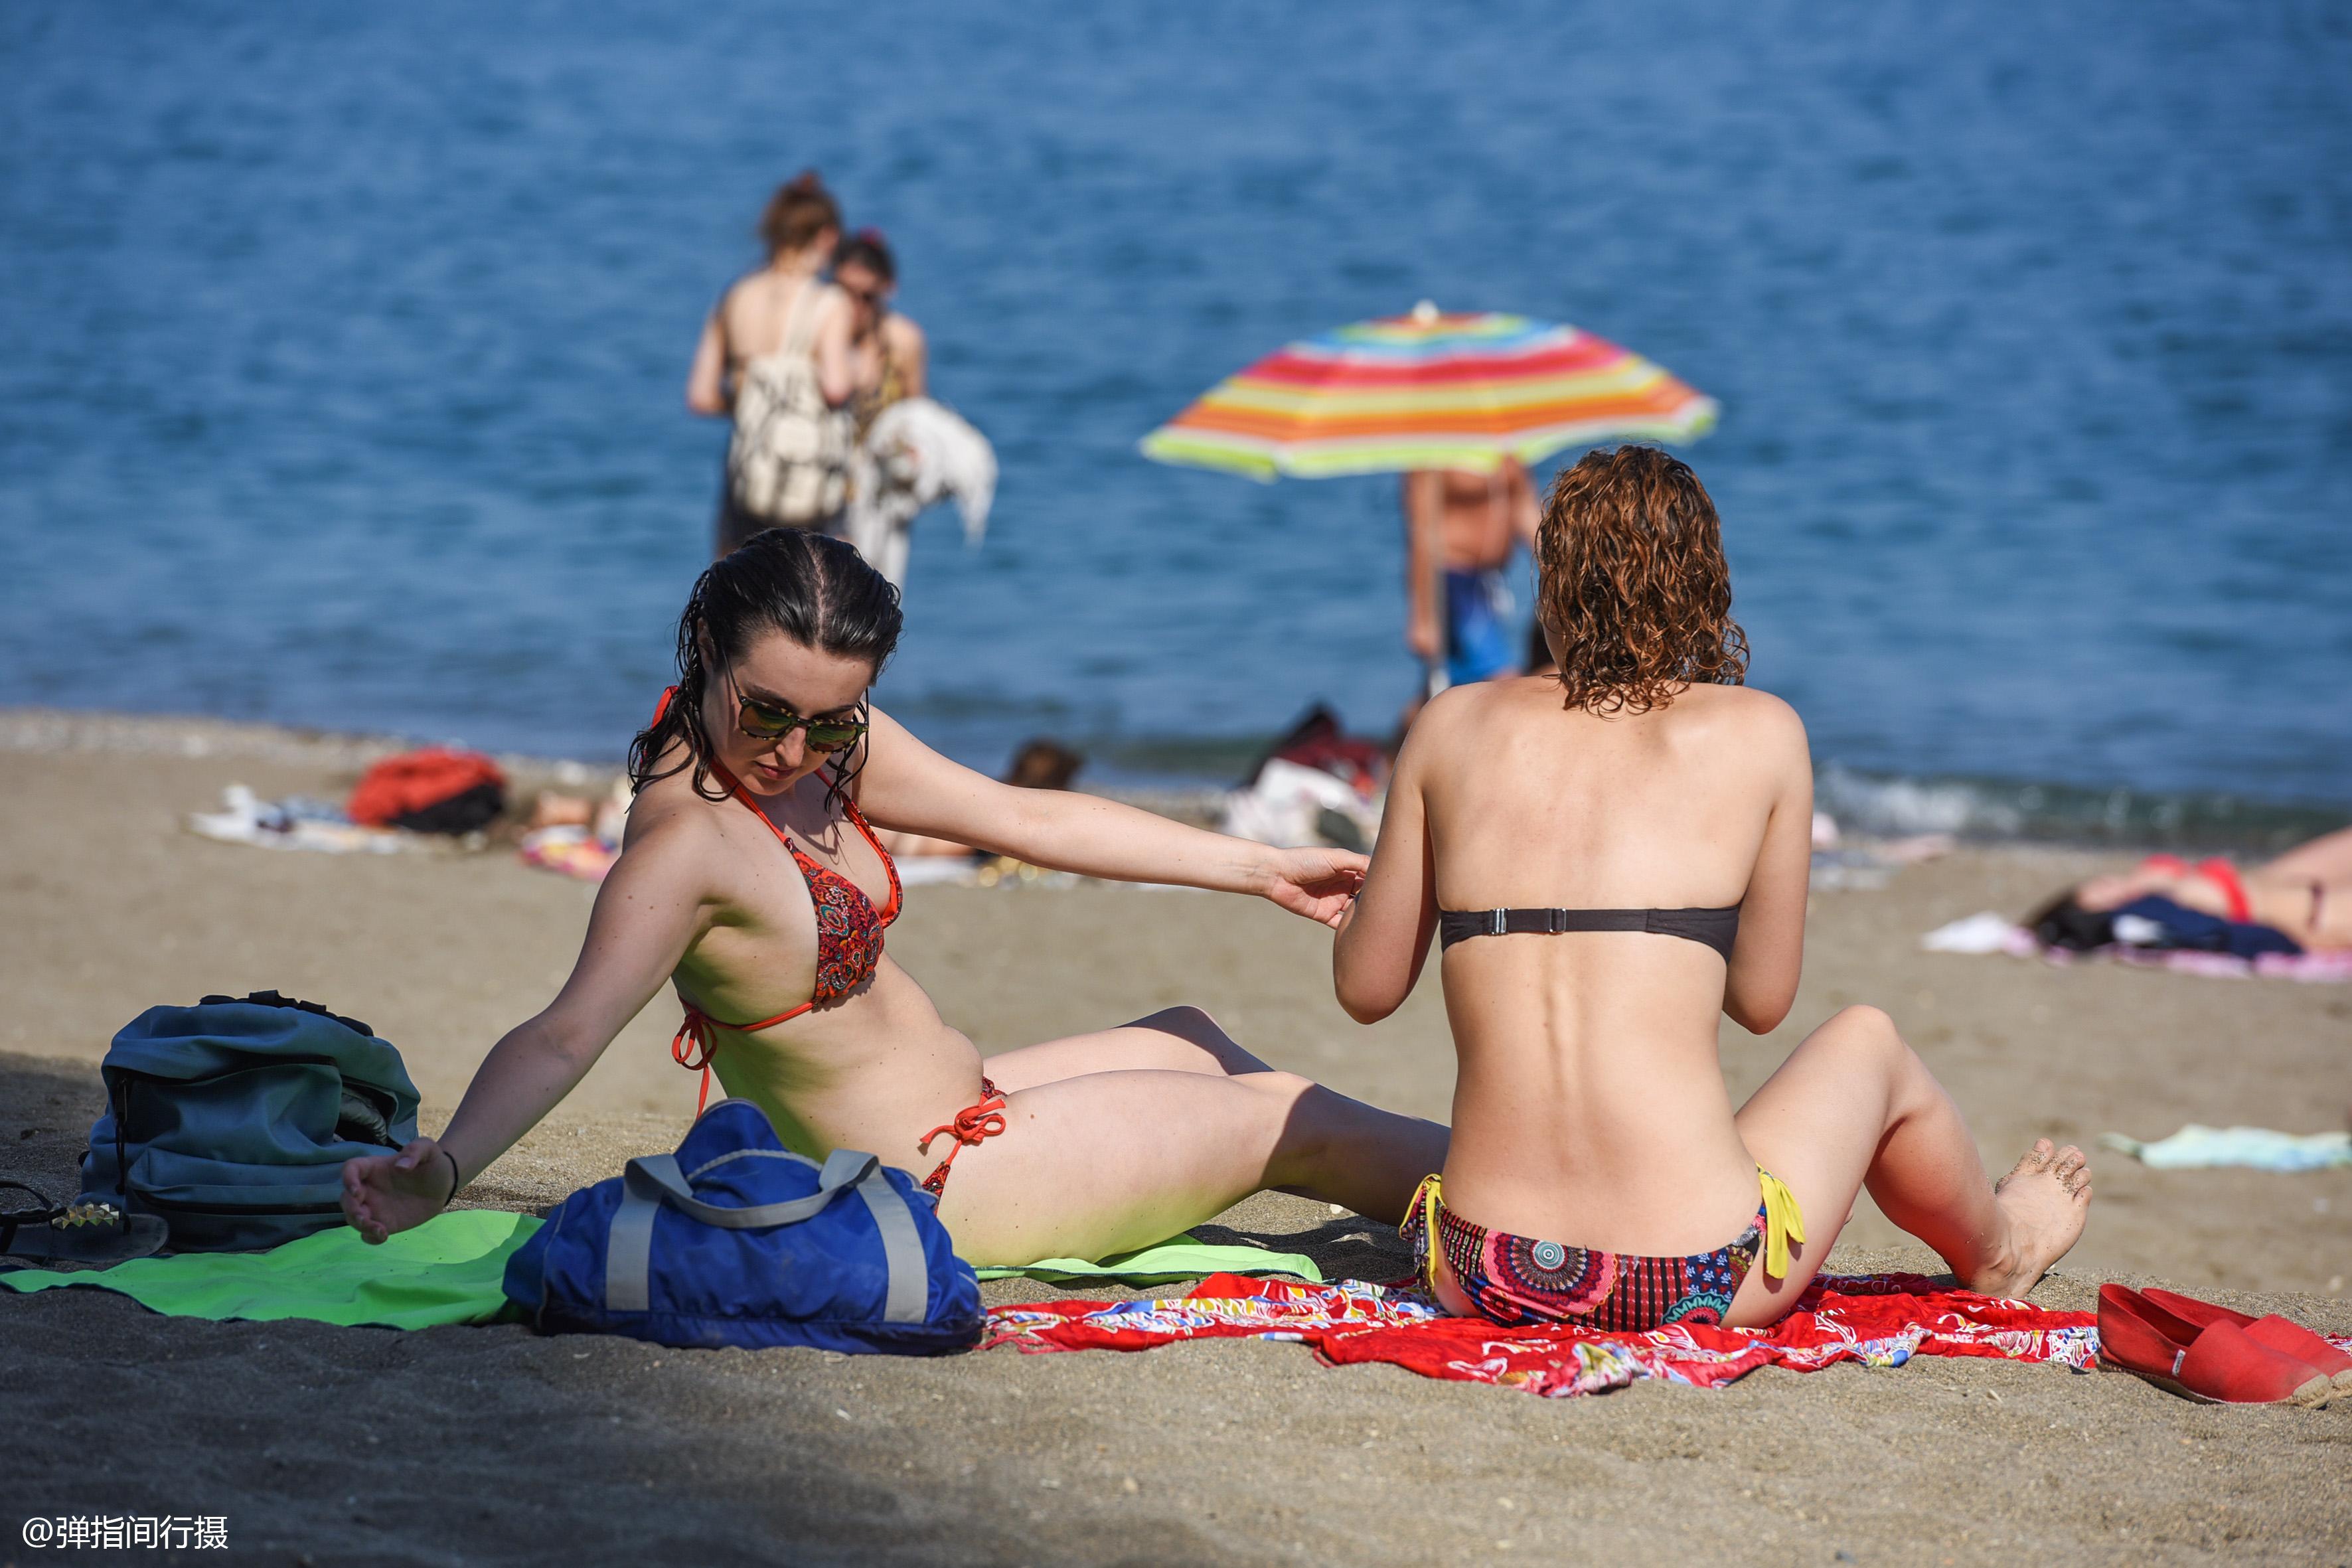 西班牙马拉加的盛夏,40度的马拉格塔海滩,是市民日光浴的乐园